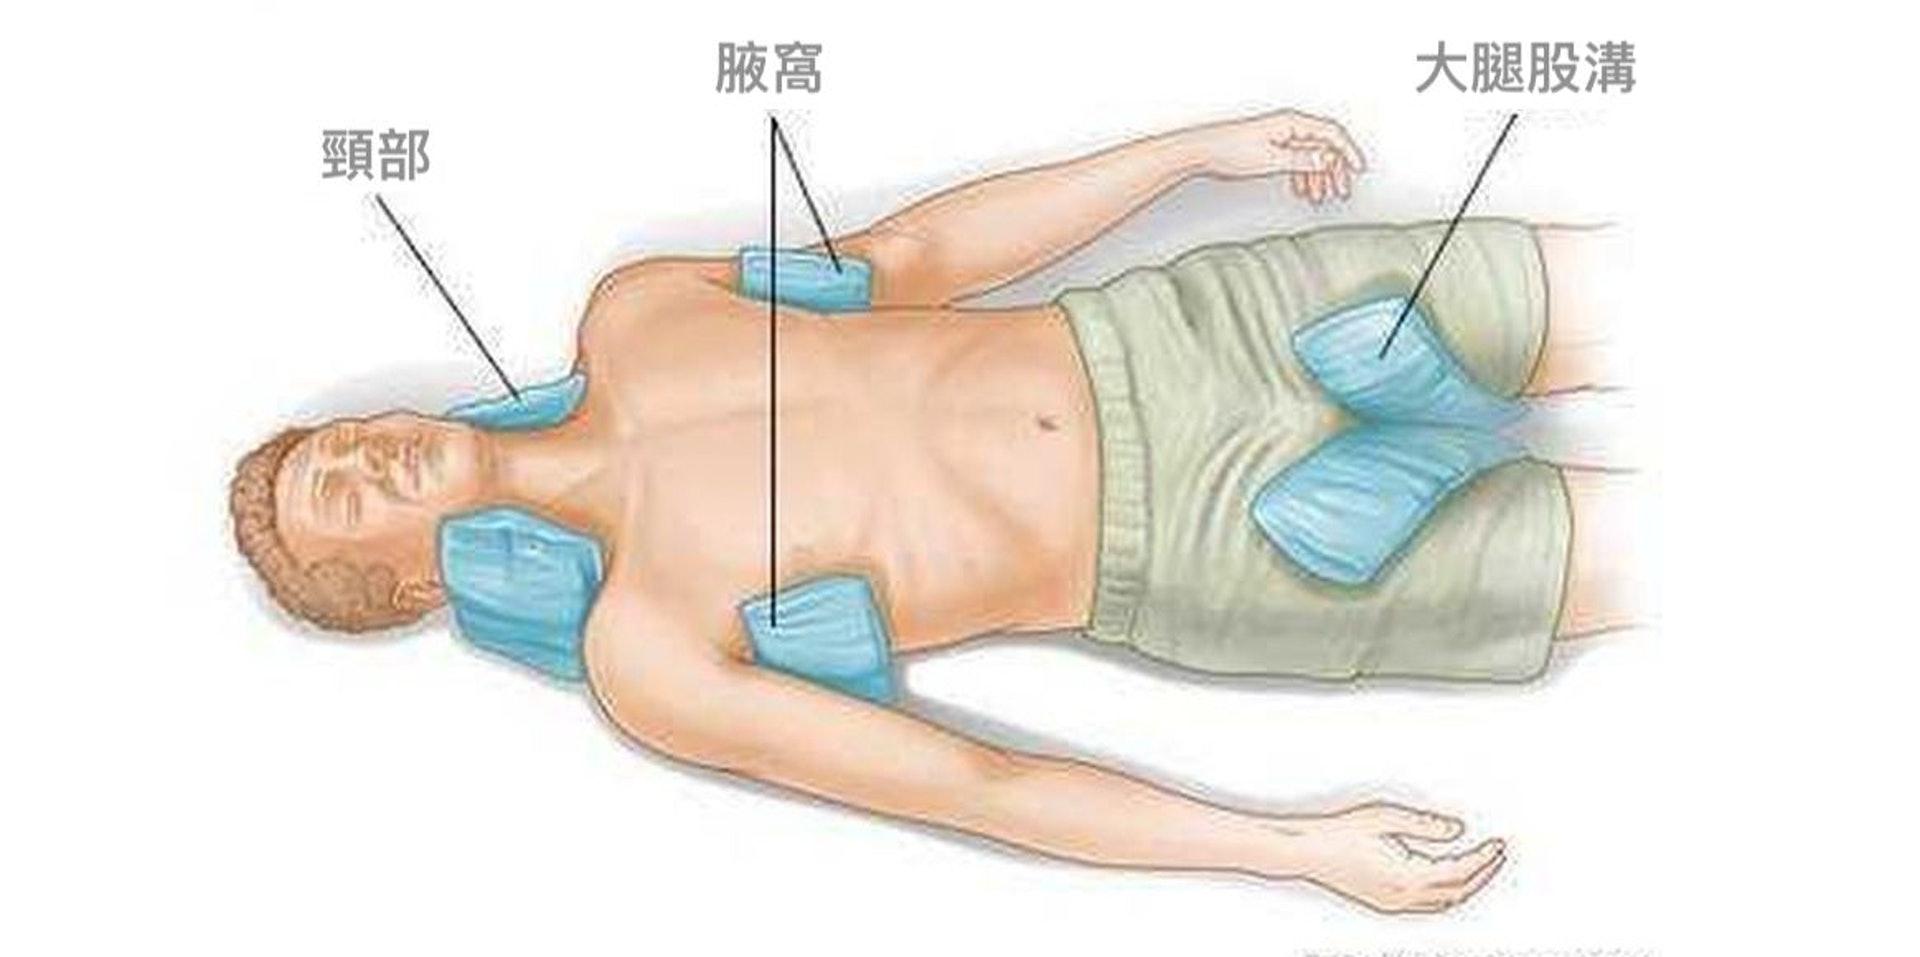 為中暑者急救,可用冰袋或冷水沾濕的毛巾,敷在頸部、腋窩或大腿股溝處等大動脈血管部位,幫助散熱。(圖片:chineseineurope)